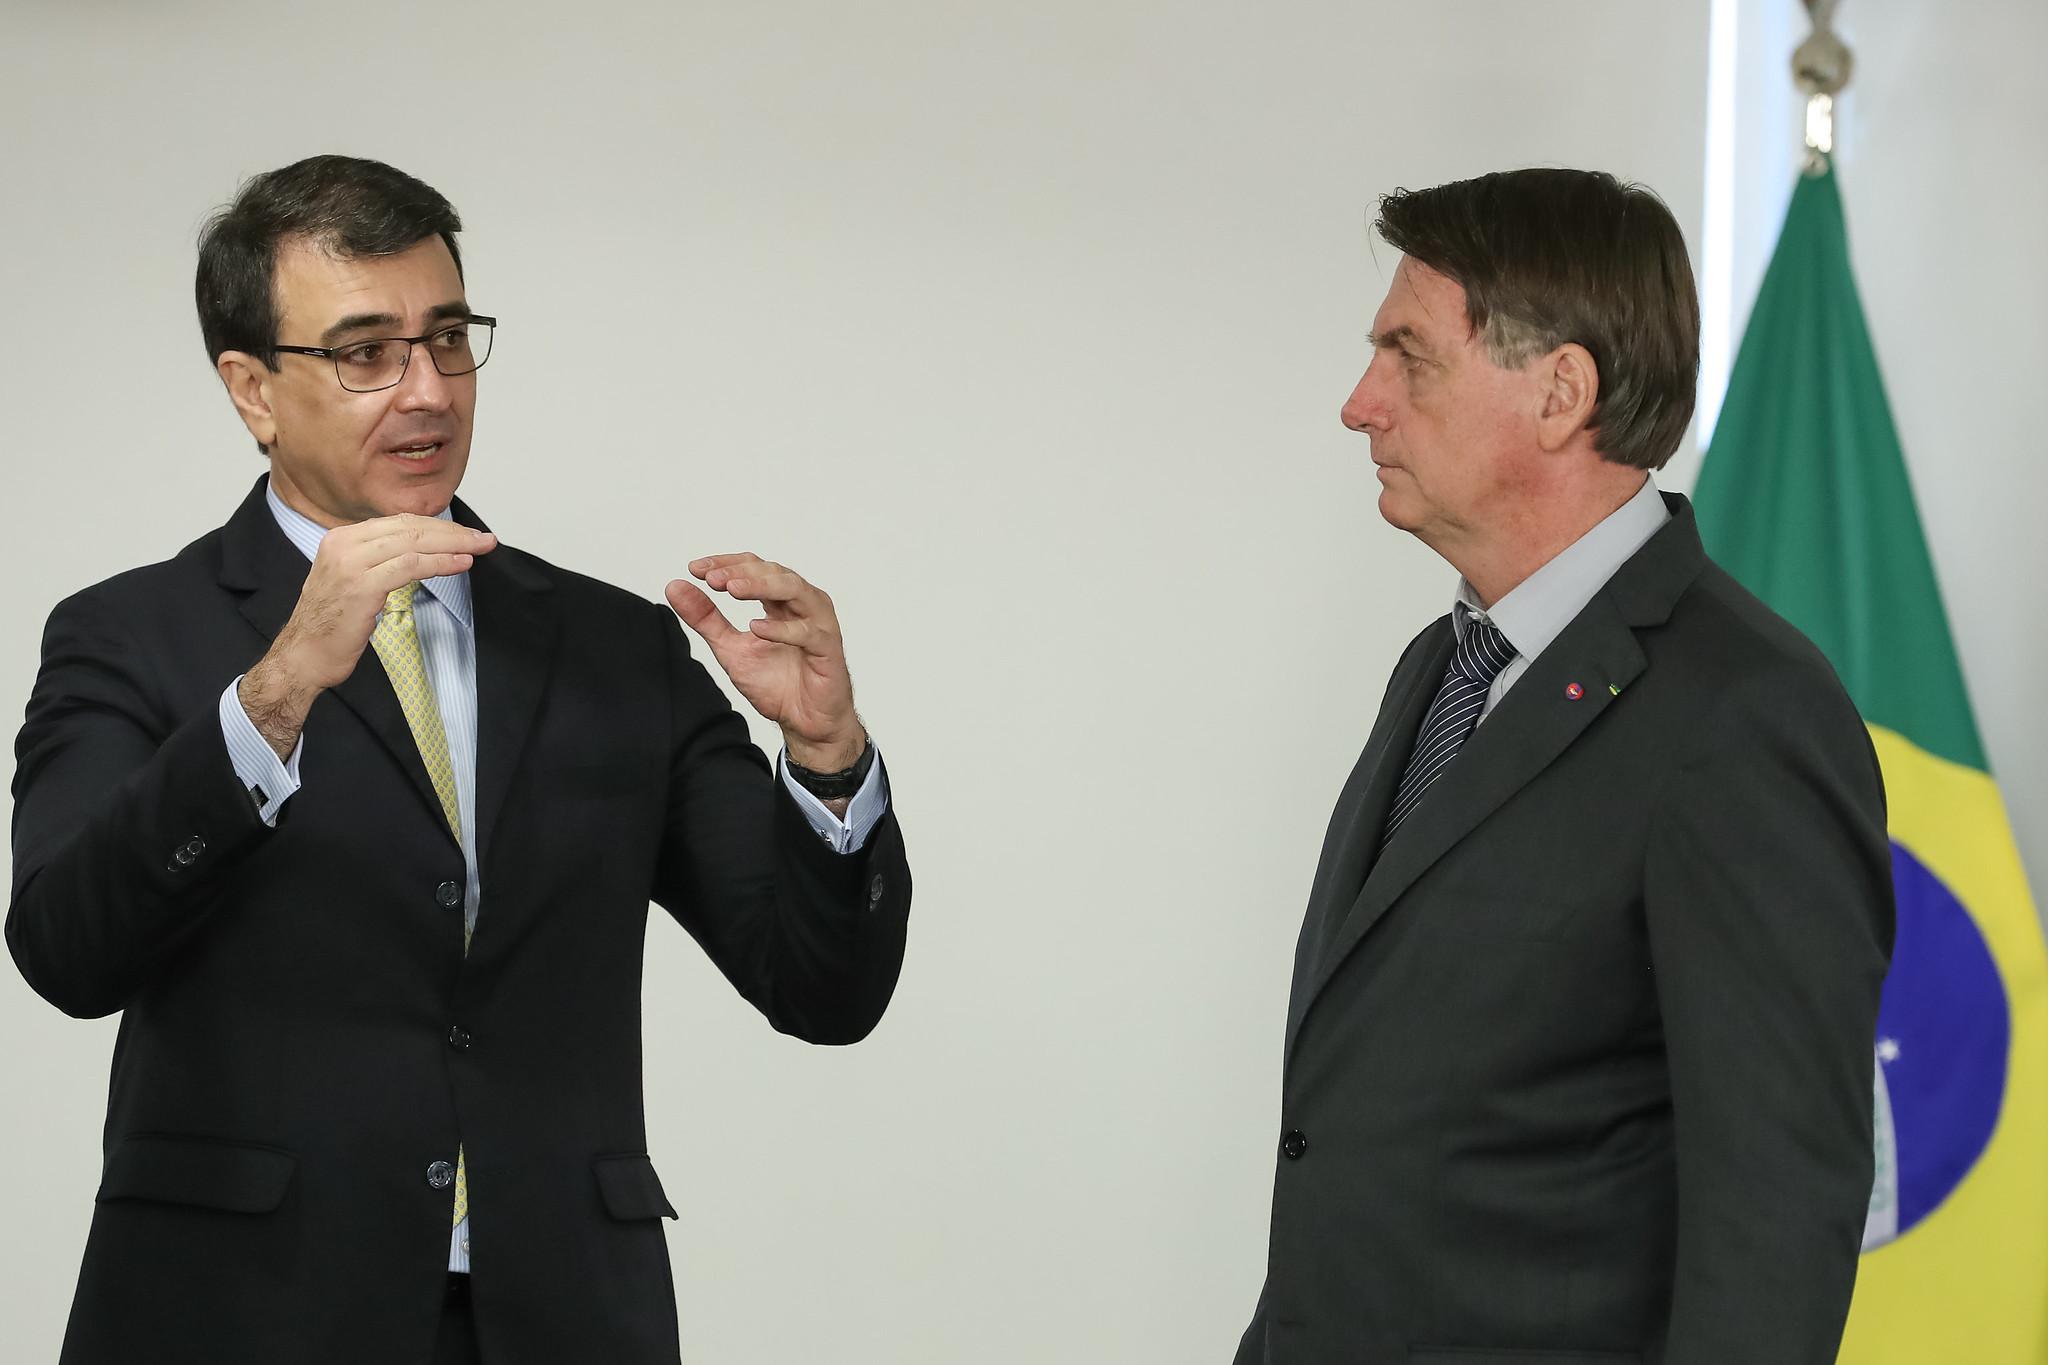 IMAGEM: Em discurso ao G20, Carlos França cita Bolsonaro 5 vezes em 6 minutos